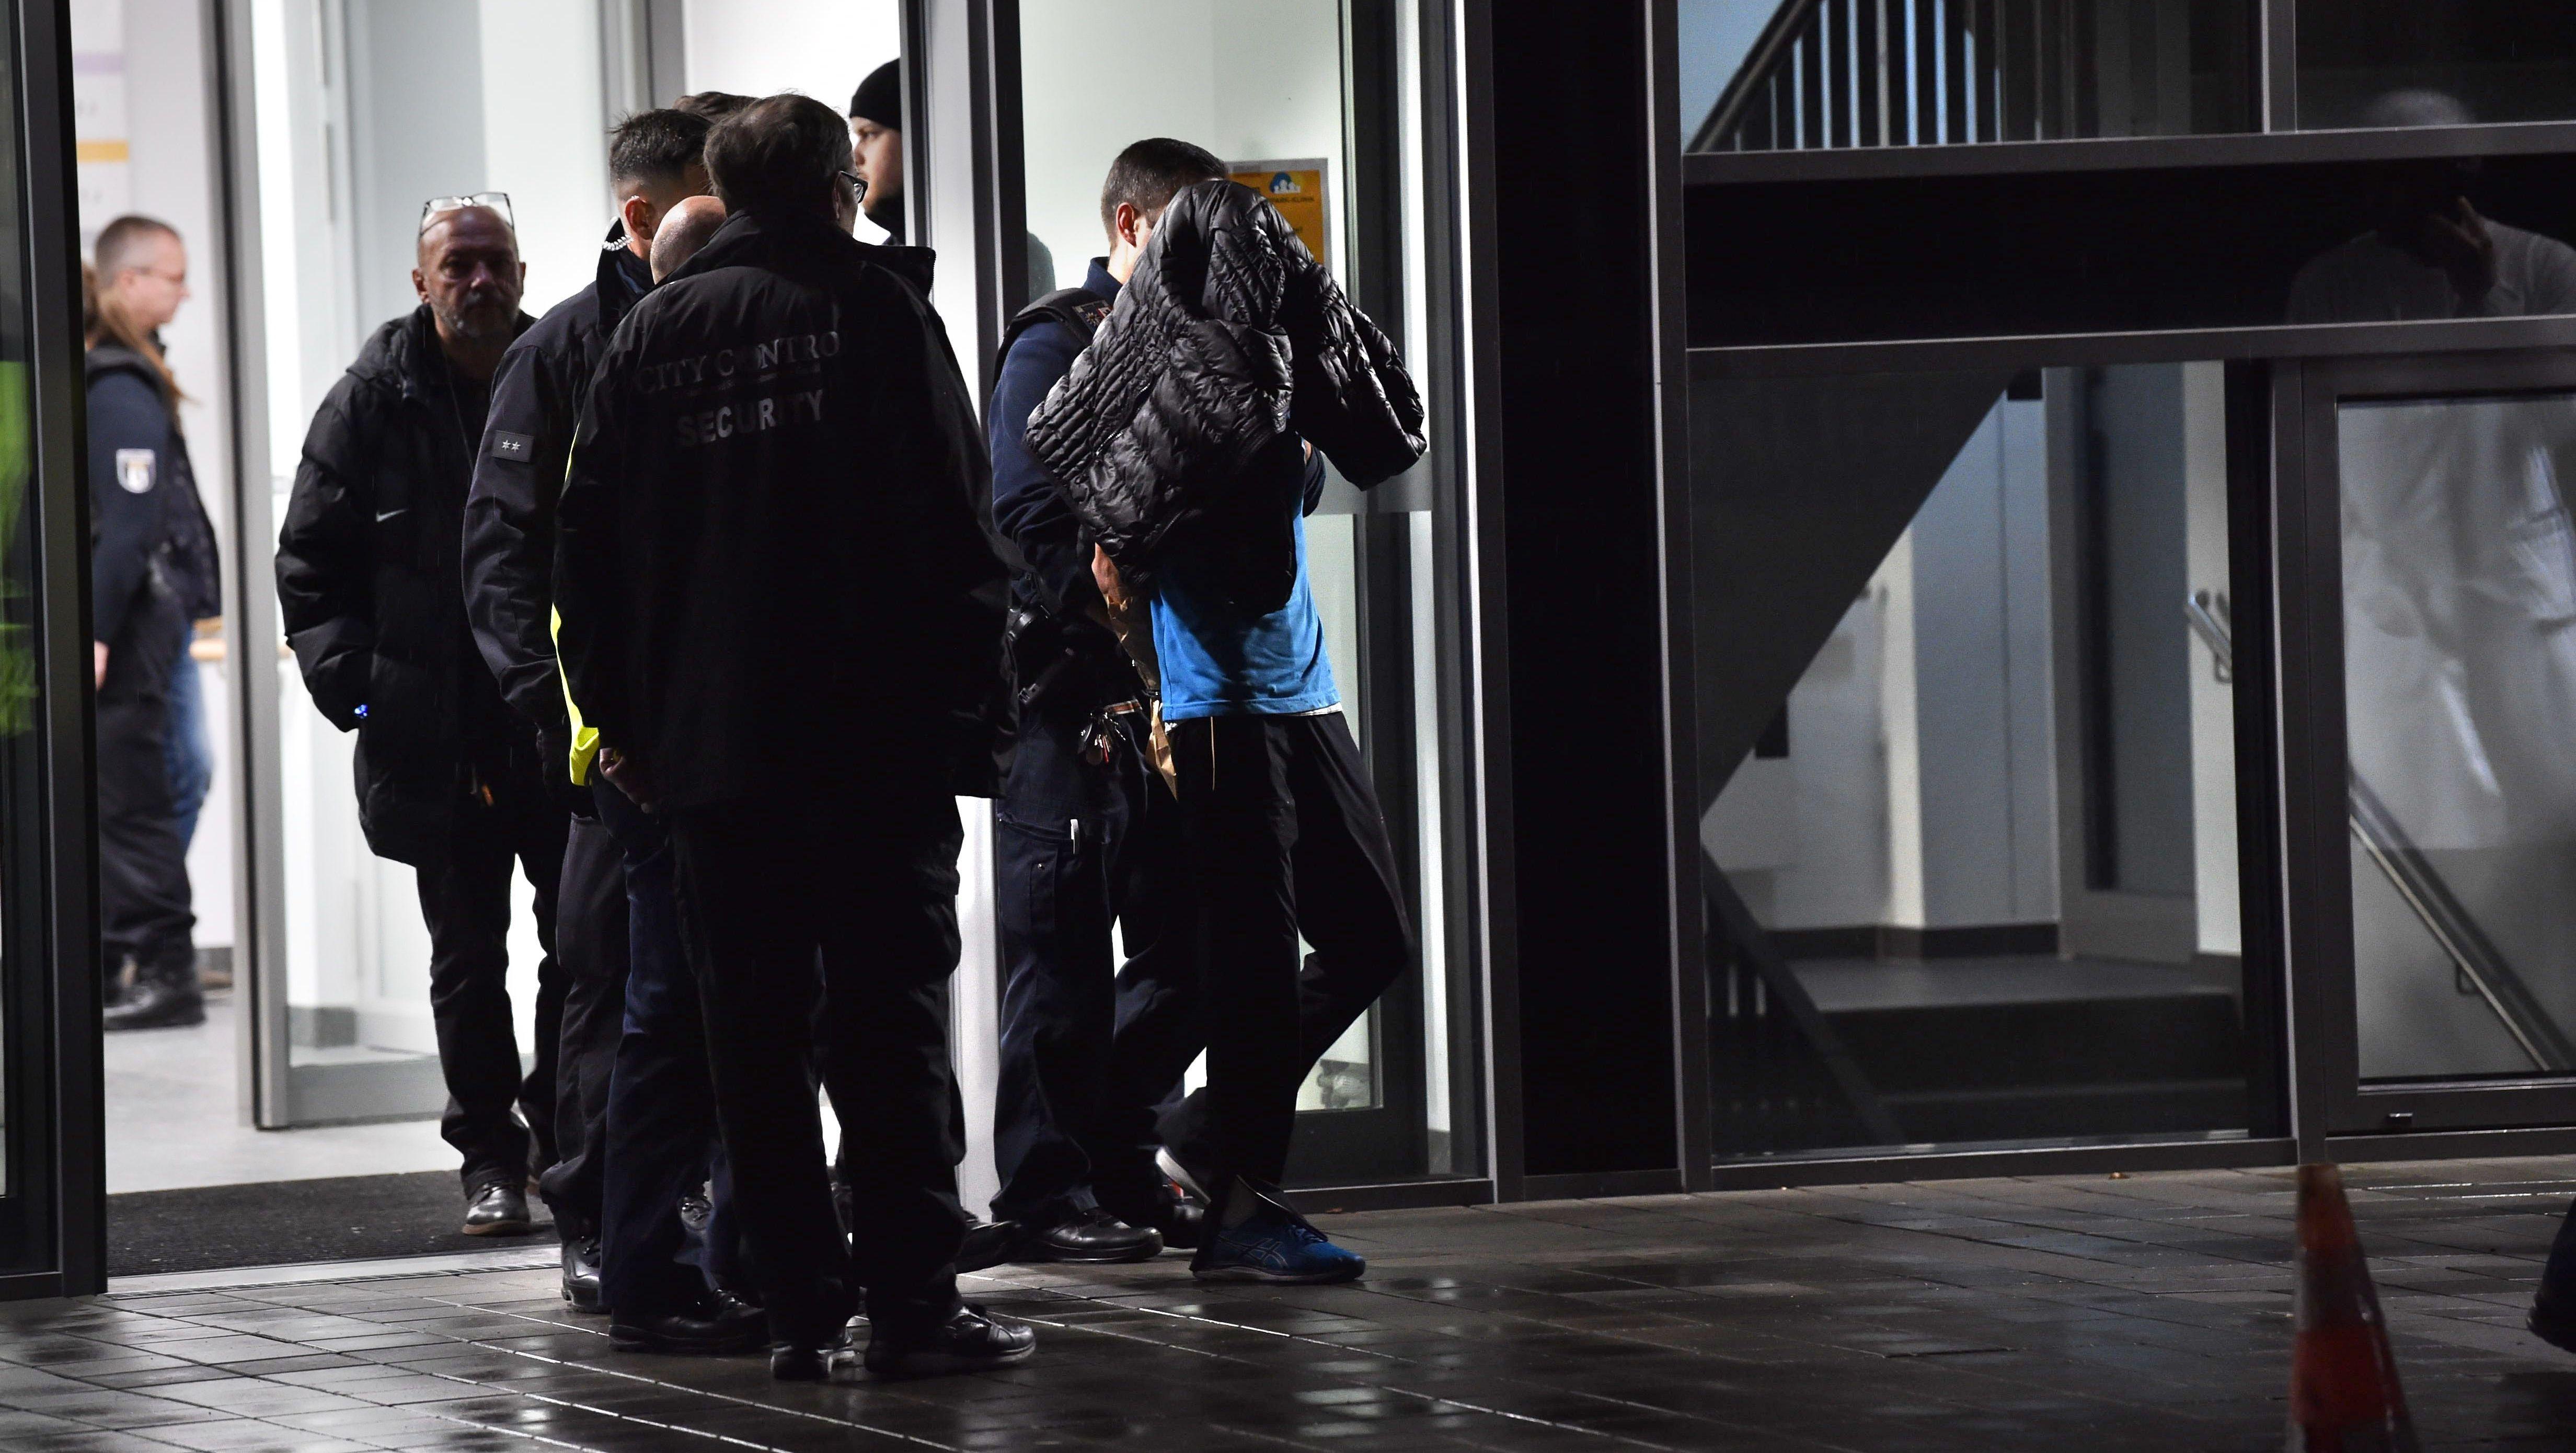 Polizisten nehmen mutmaßlichen Täter fest